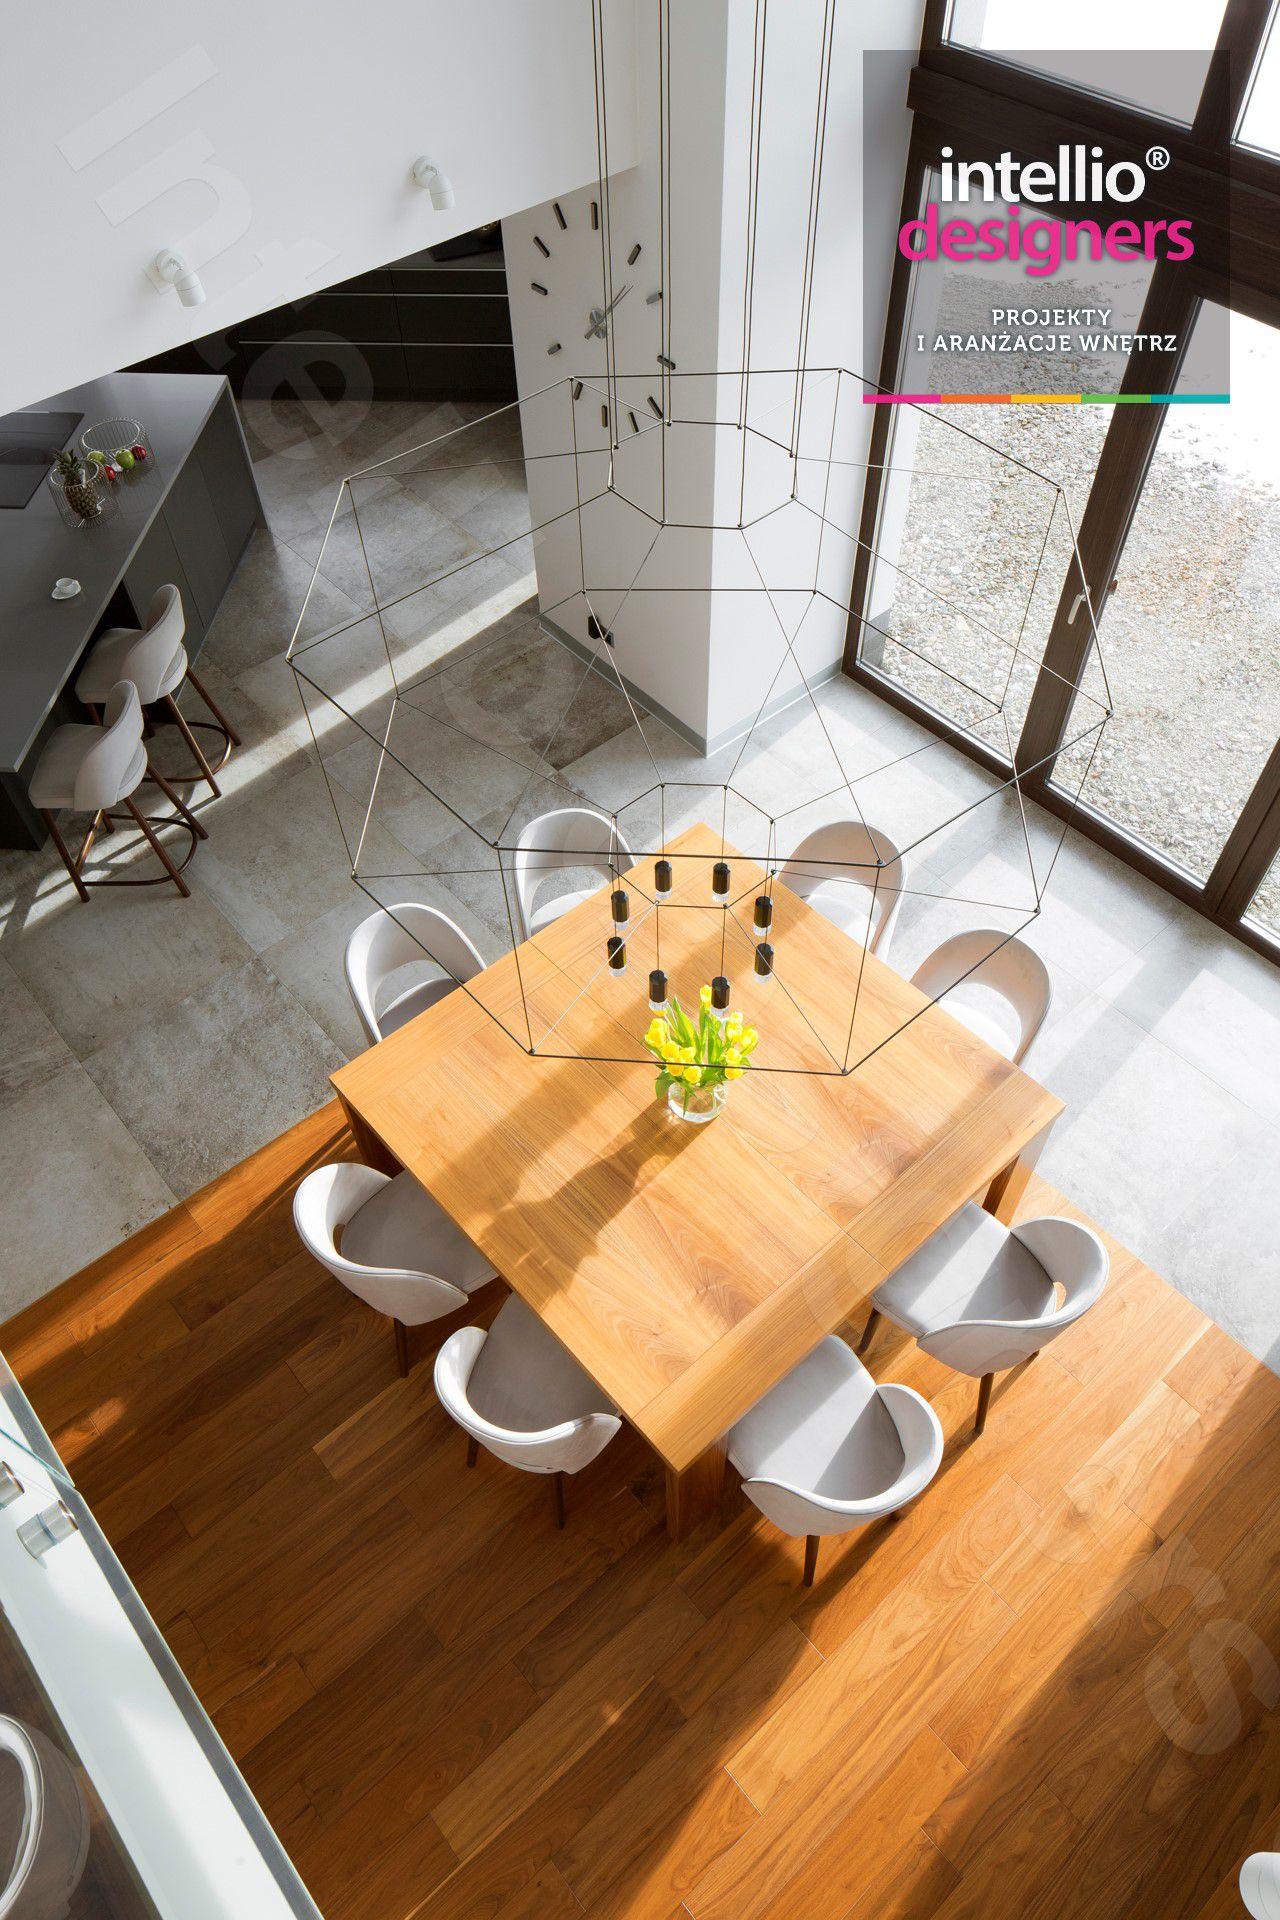 Projekty wnętrz domu w górach - duży salon, łazienki, otwarta kuchnia, nowczesne wnętrza